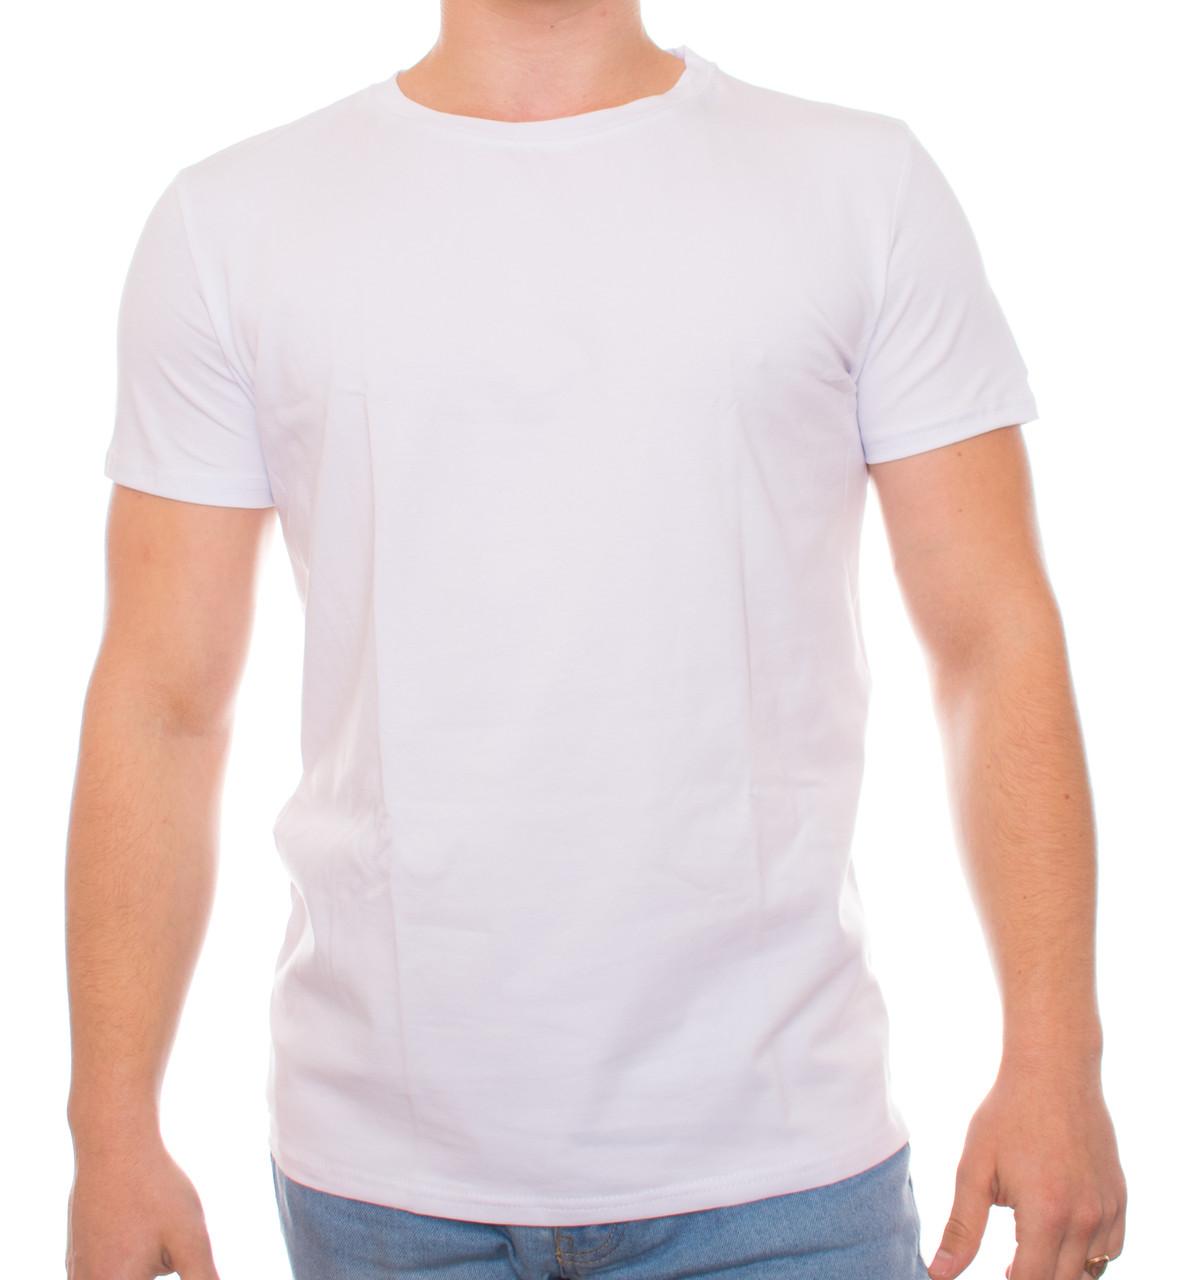 Bono Футболка мужская белая 950102